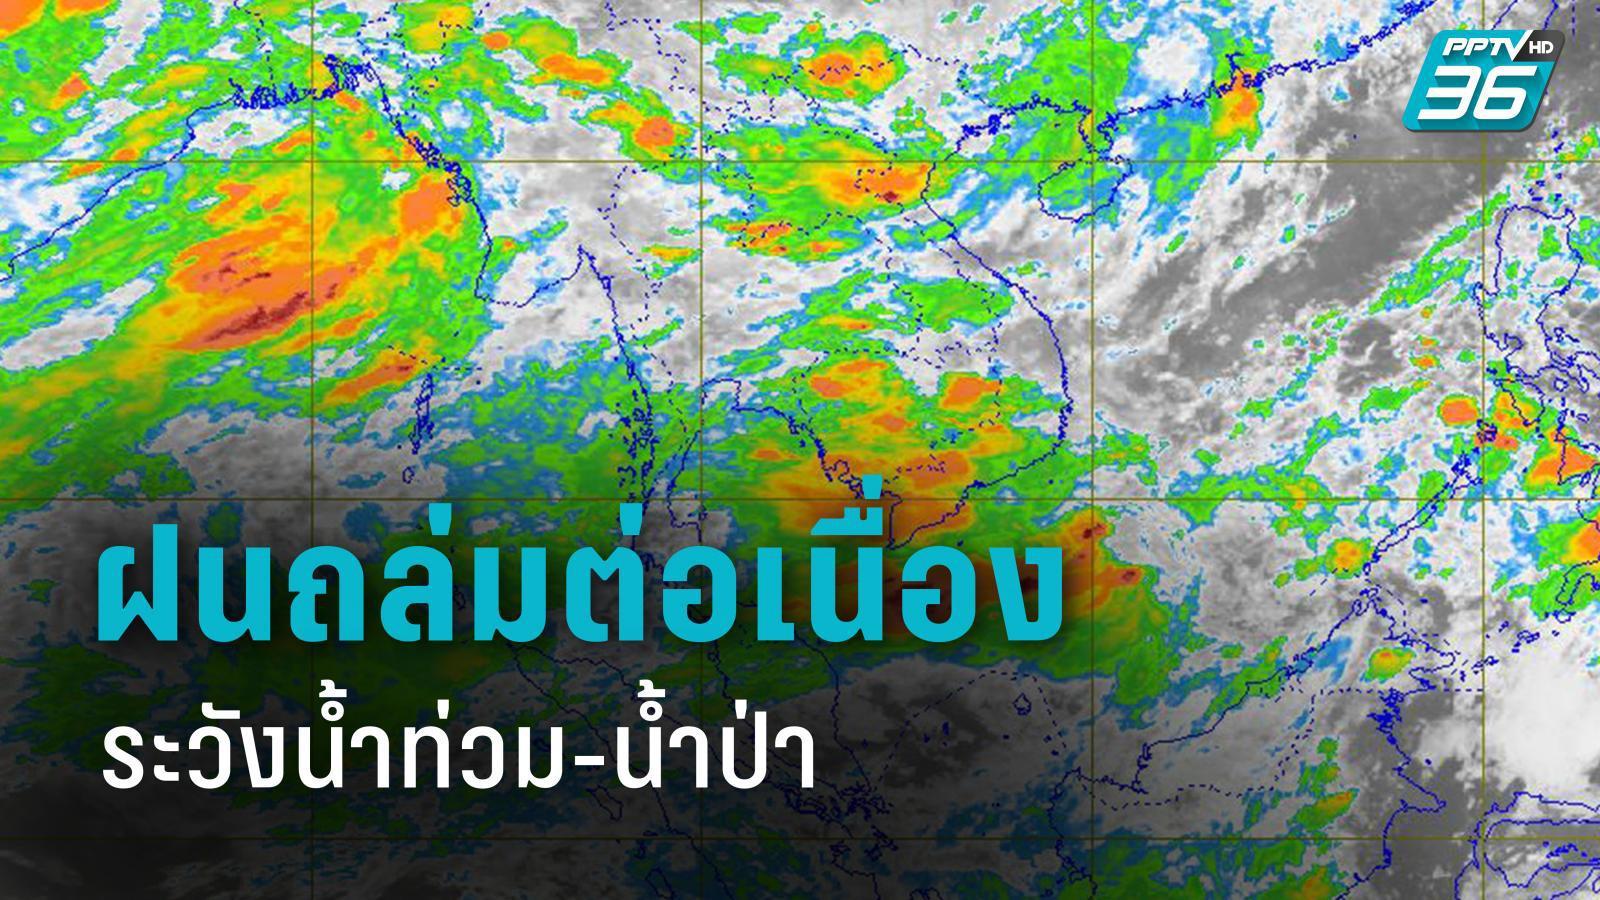 กรมอุตุฯ เตือน ทั่วไทยฝนถล่มต่อเนื่อง ระวังน้ำท่วม-น้ำป่าหลาก